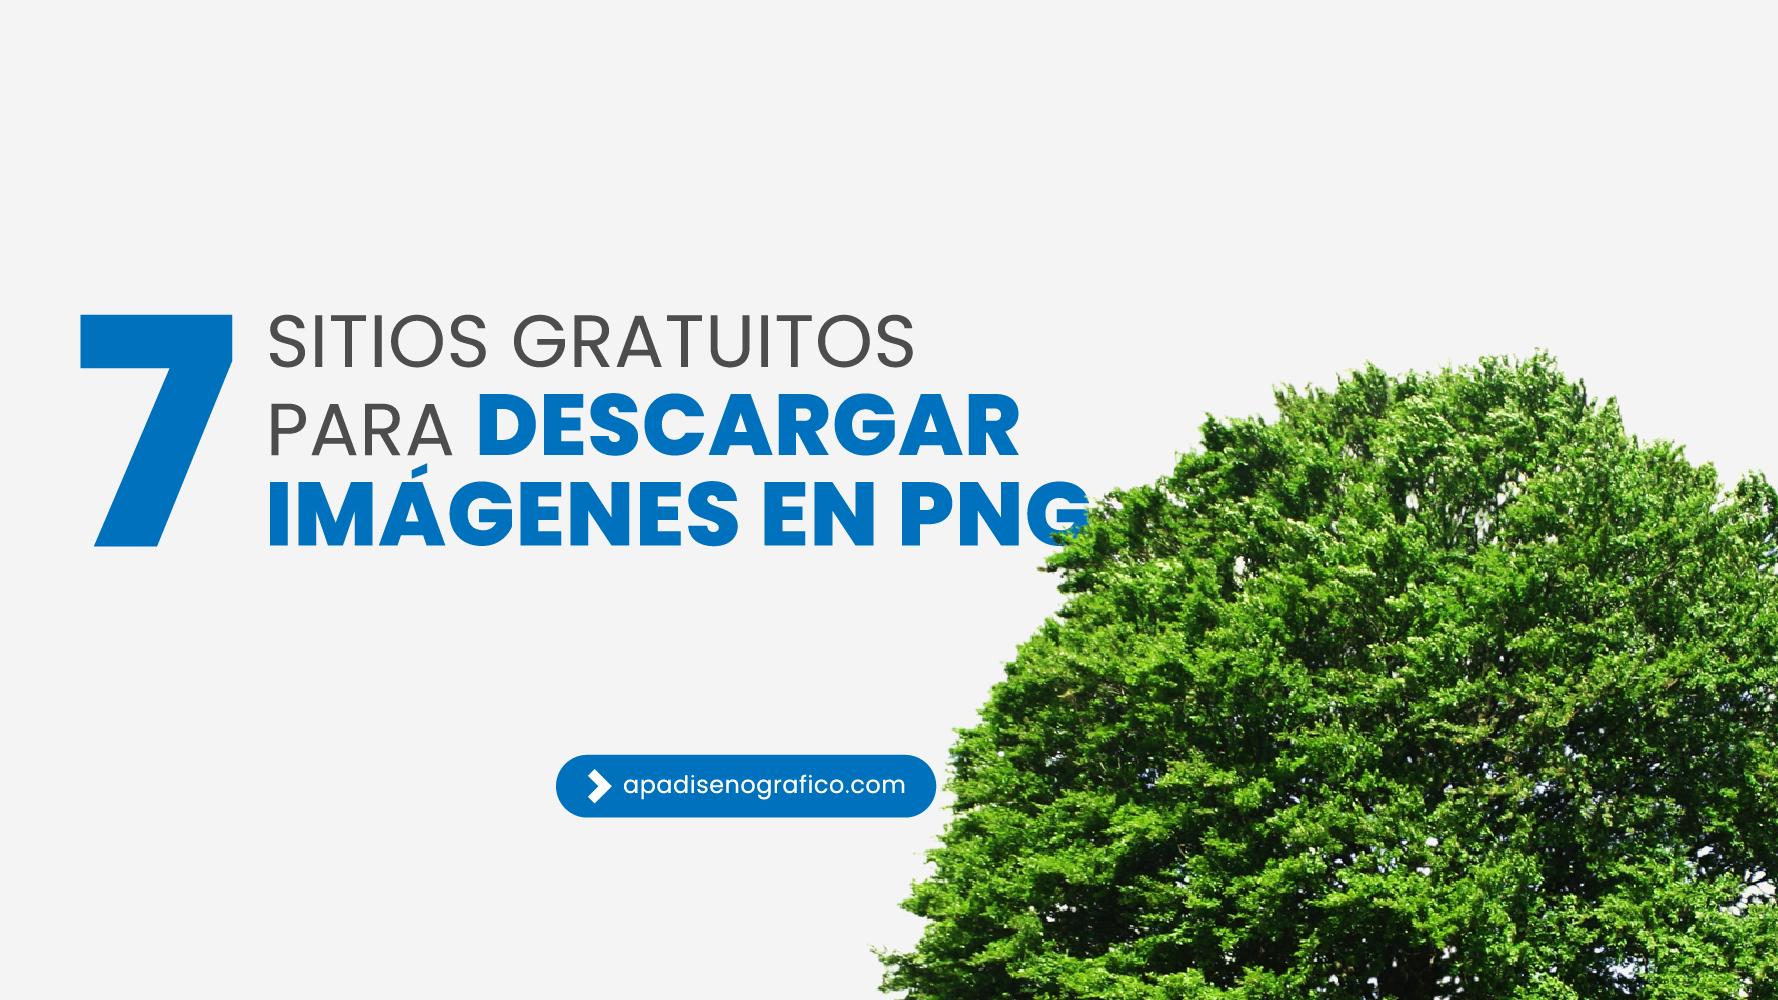 7 Sitios gratuitos para descargar imágenes en PNG